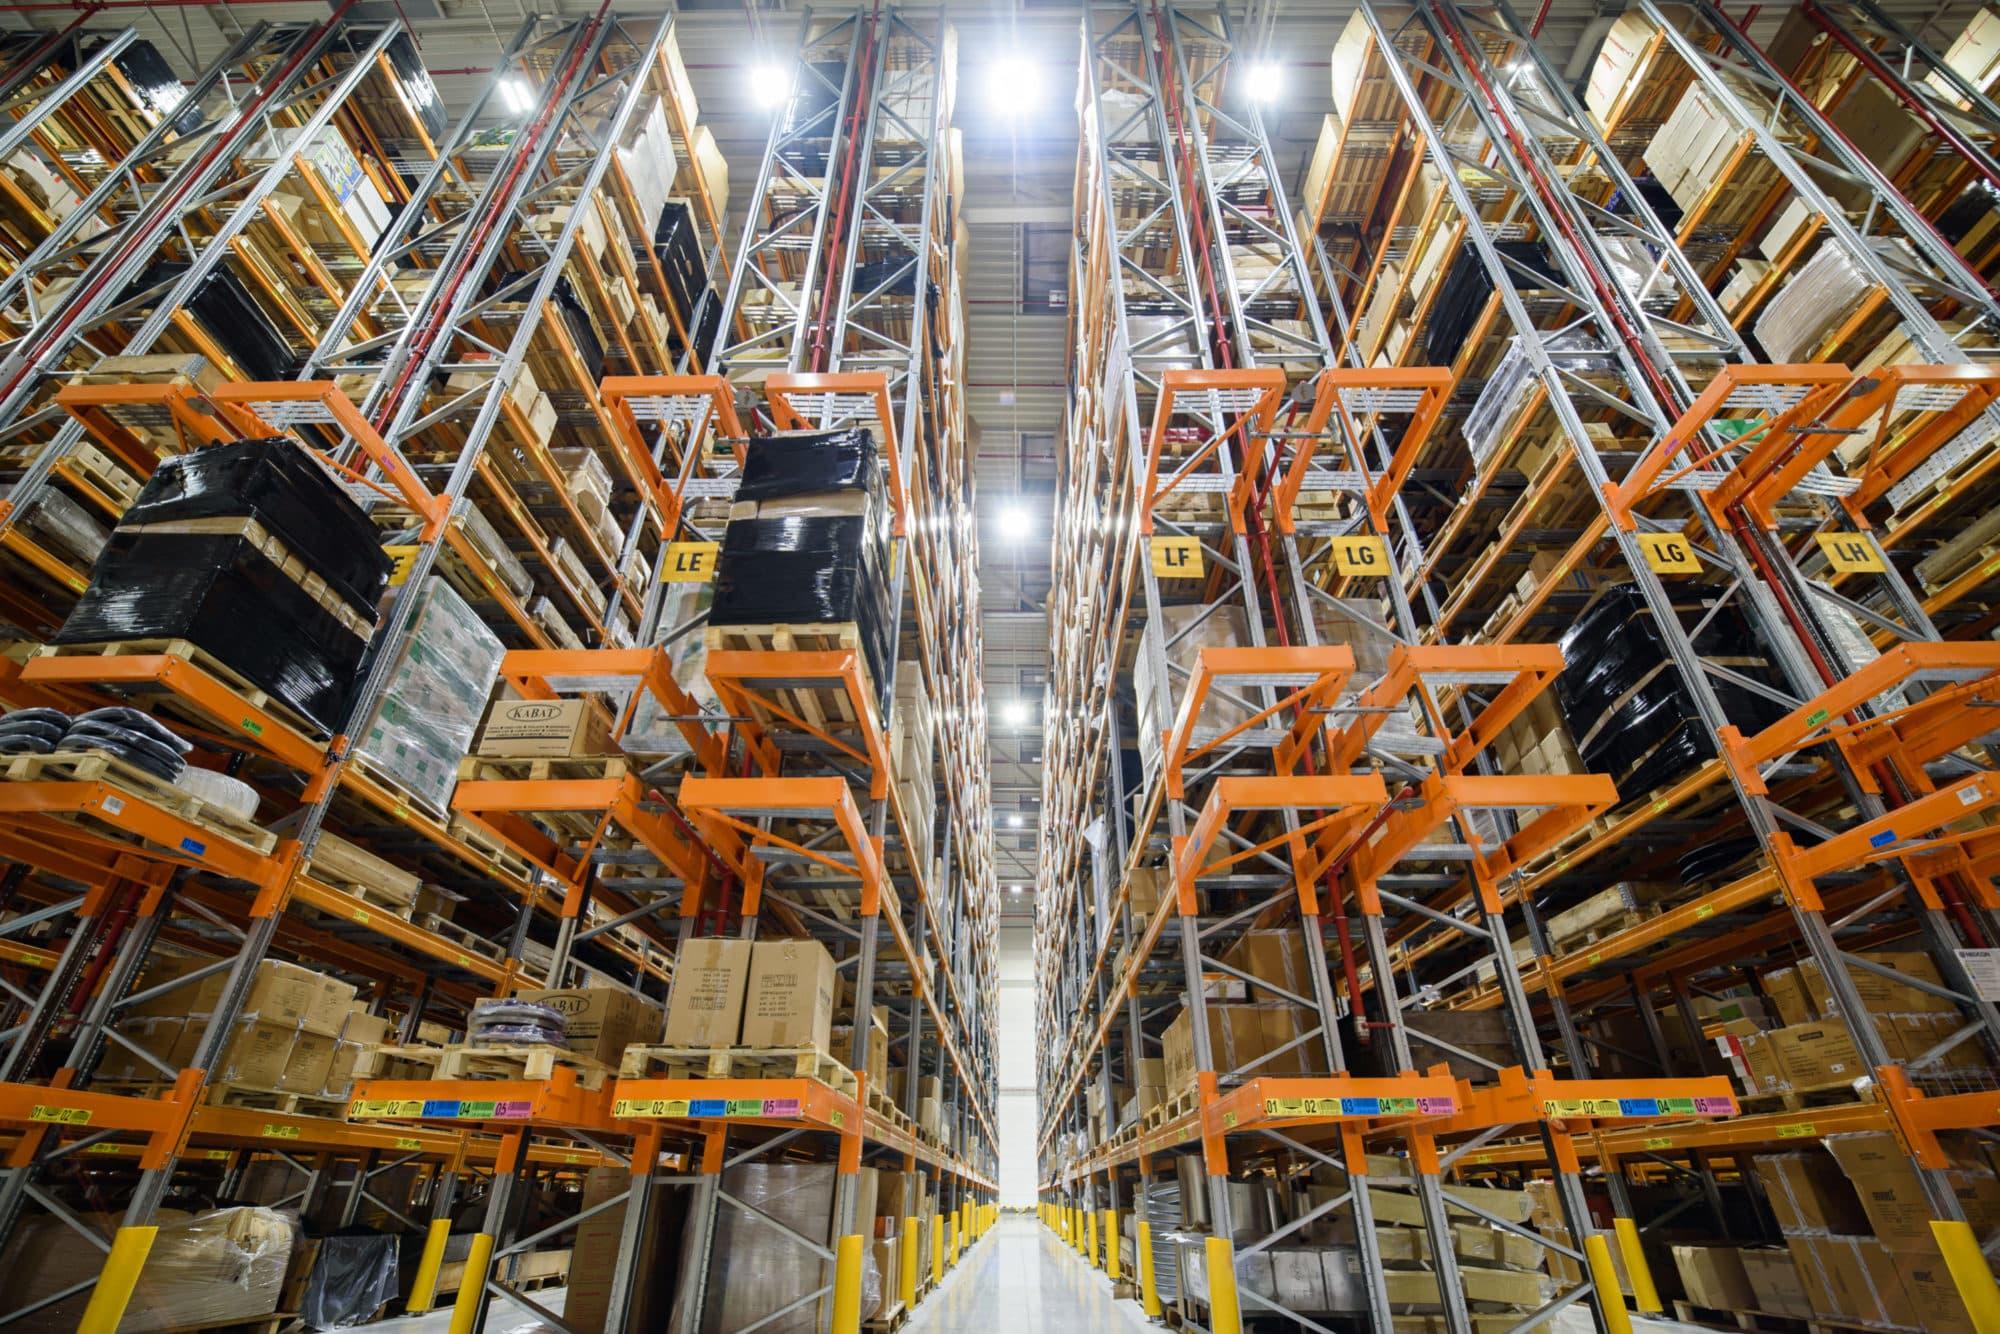 Oprawy przemysłowe Highbay w magazynie wysokiego składowania firmy Grene Kramp - Luxon LED